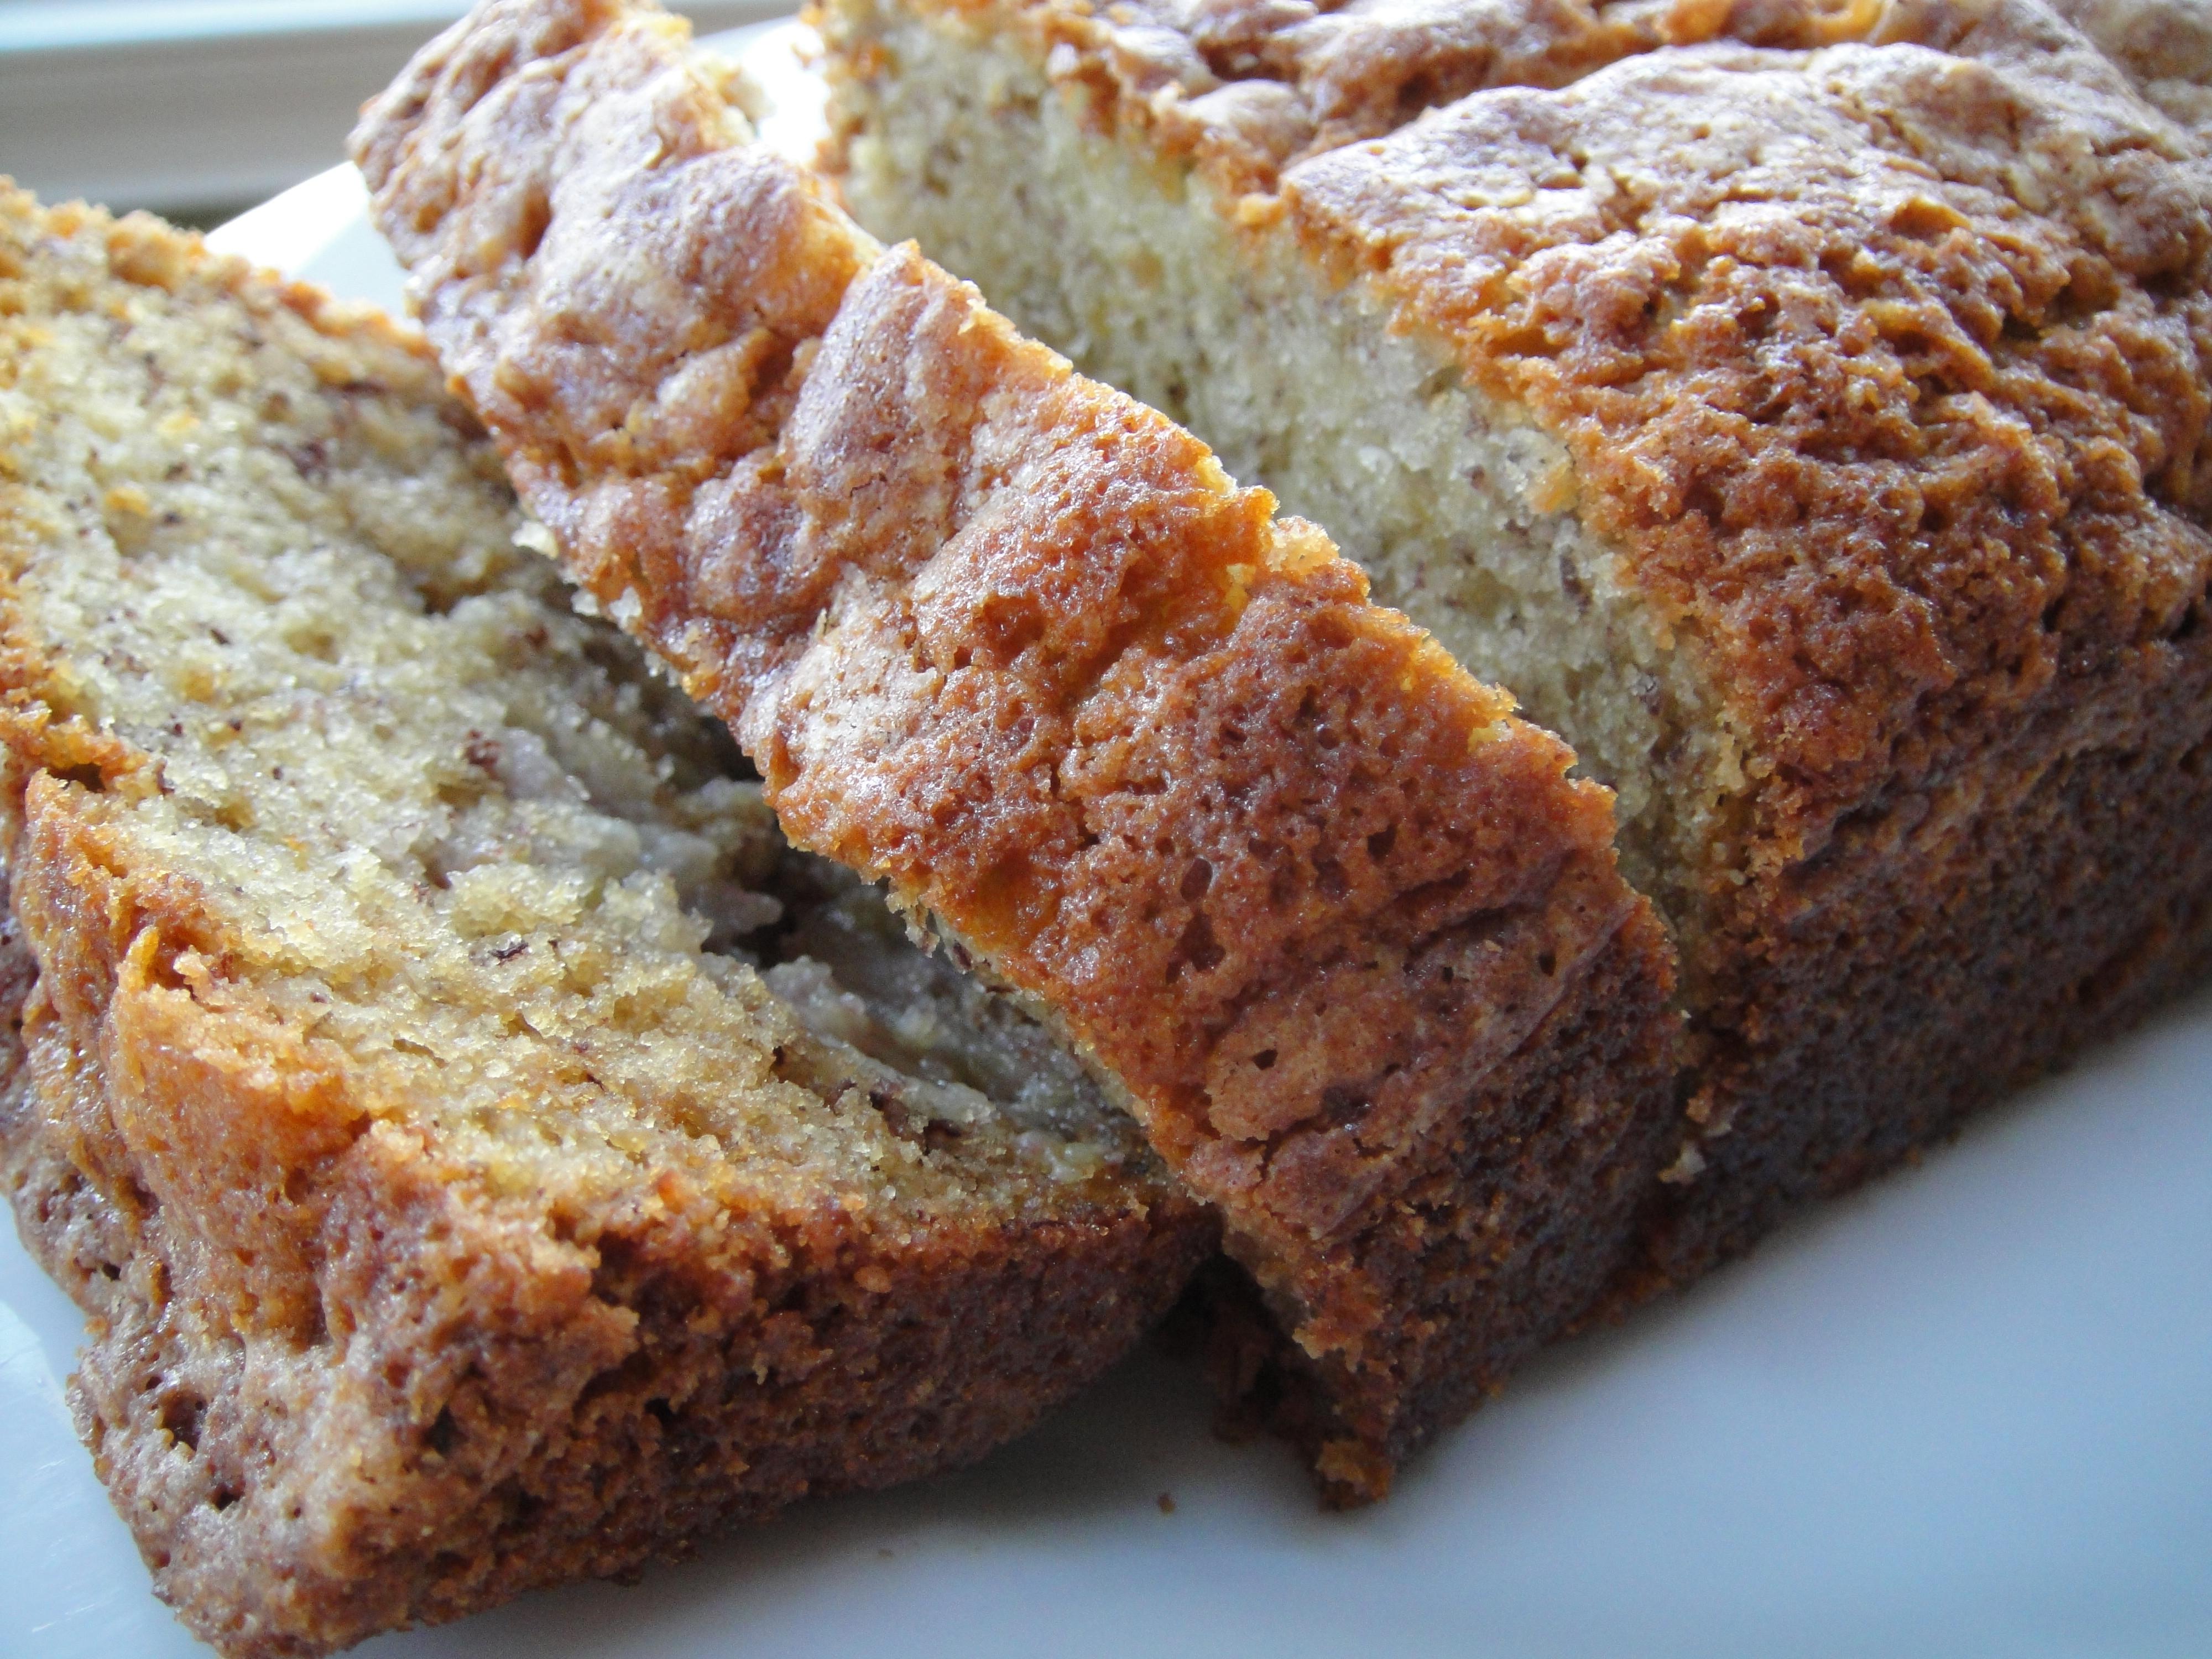 Banana Bread Recipes  How to Make Banana Bread